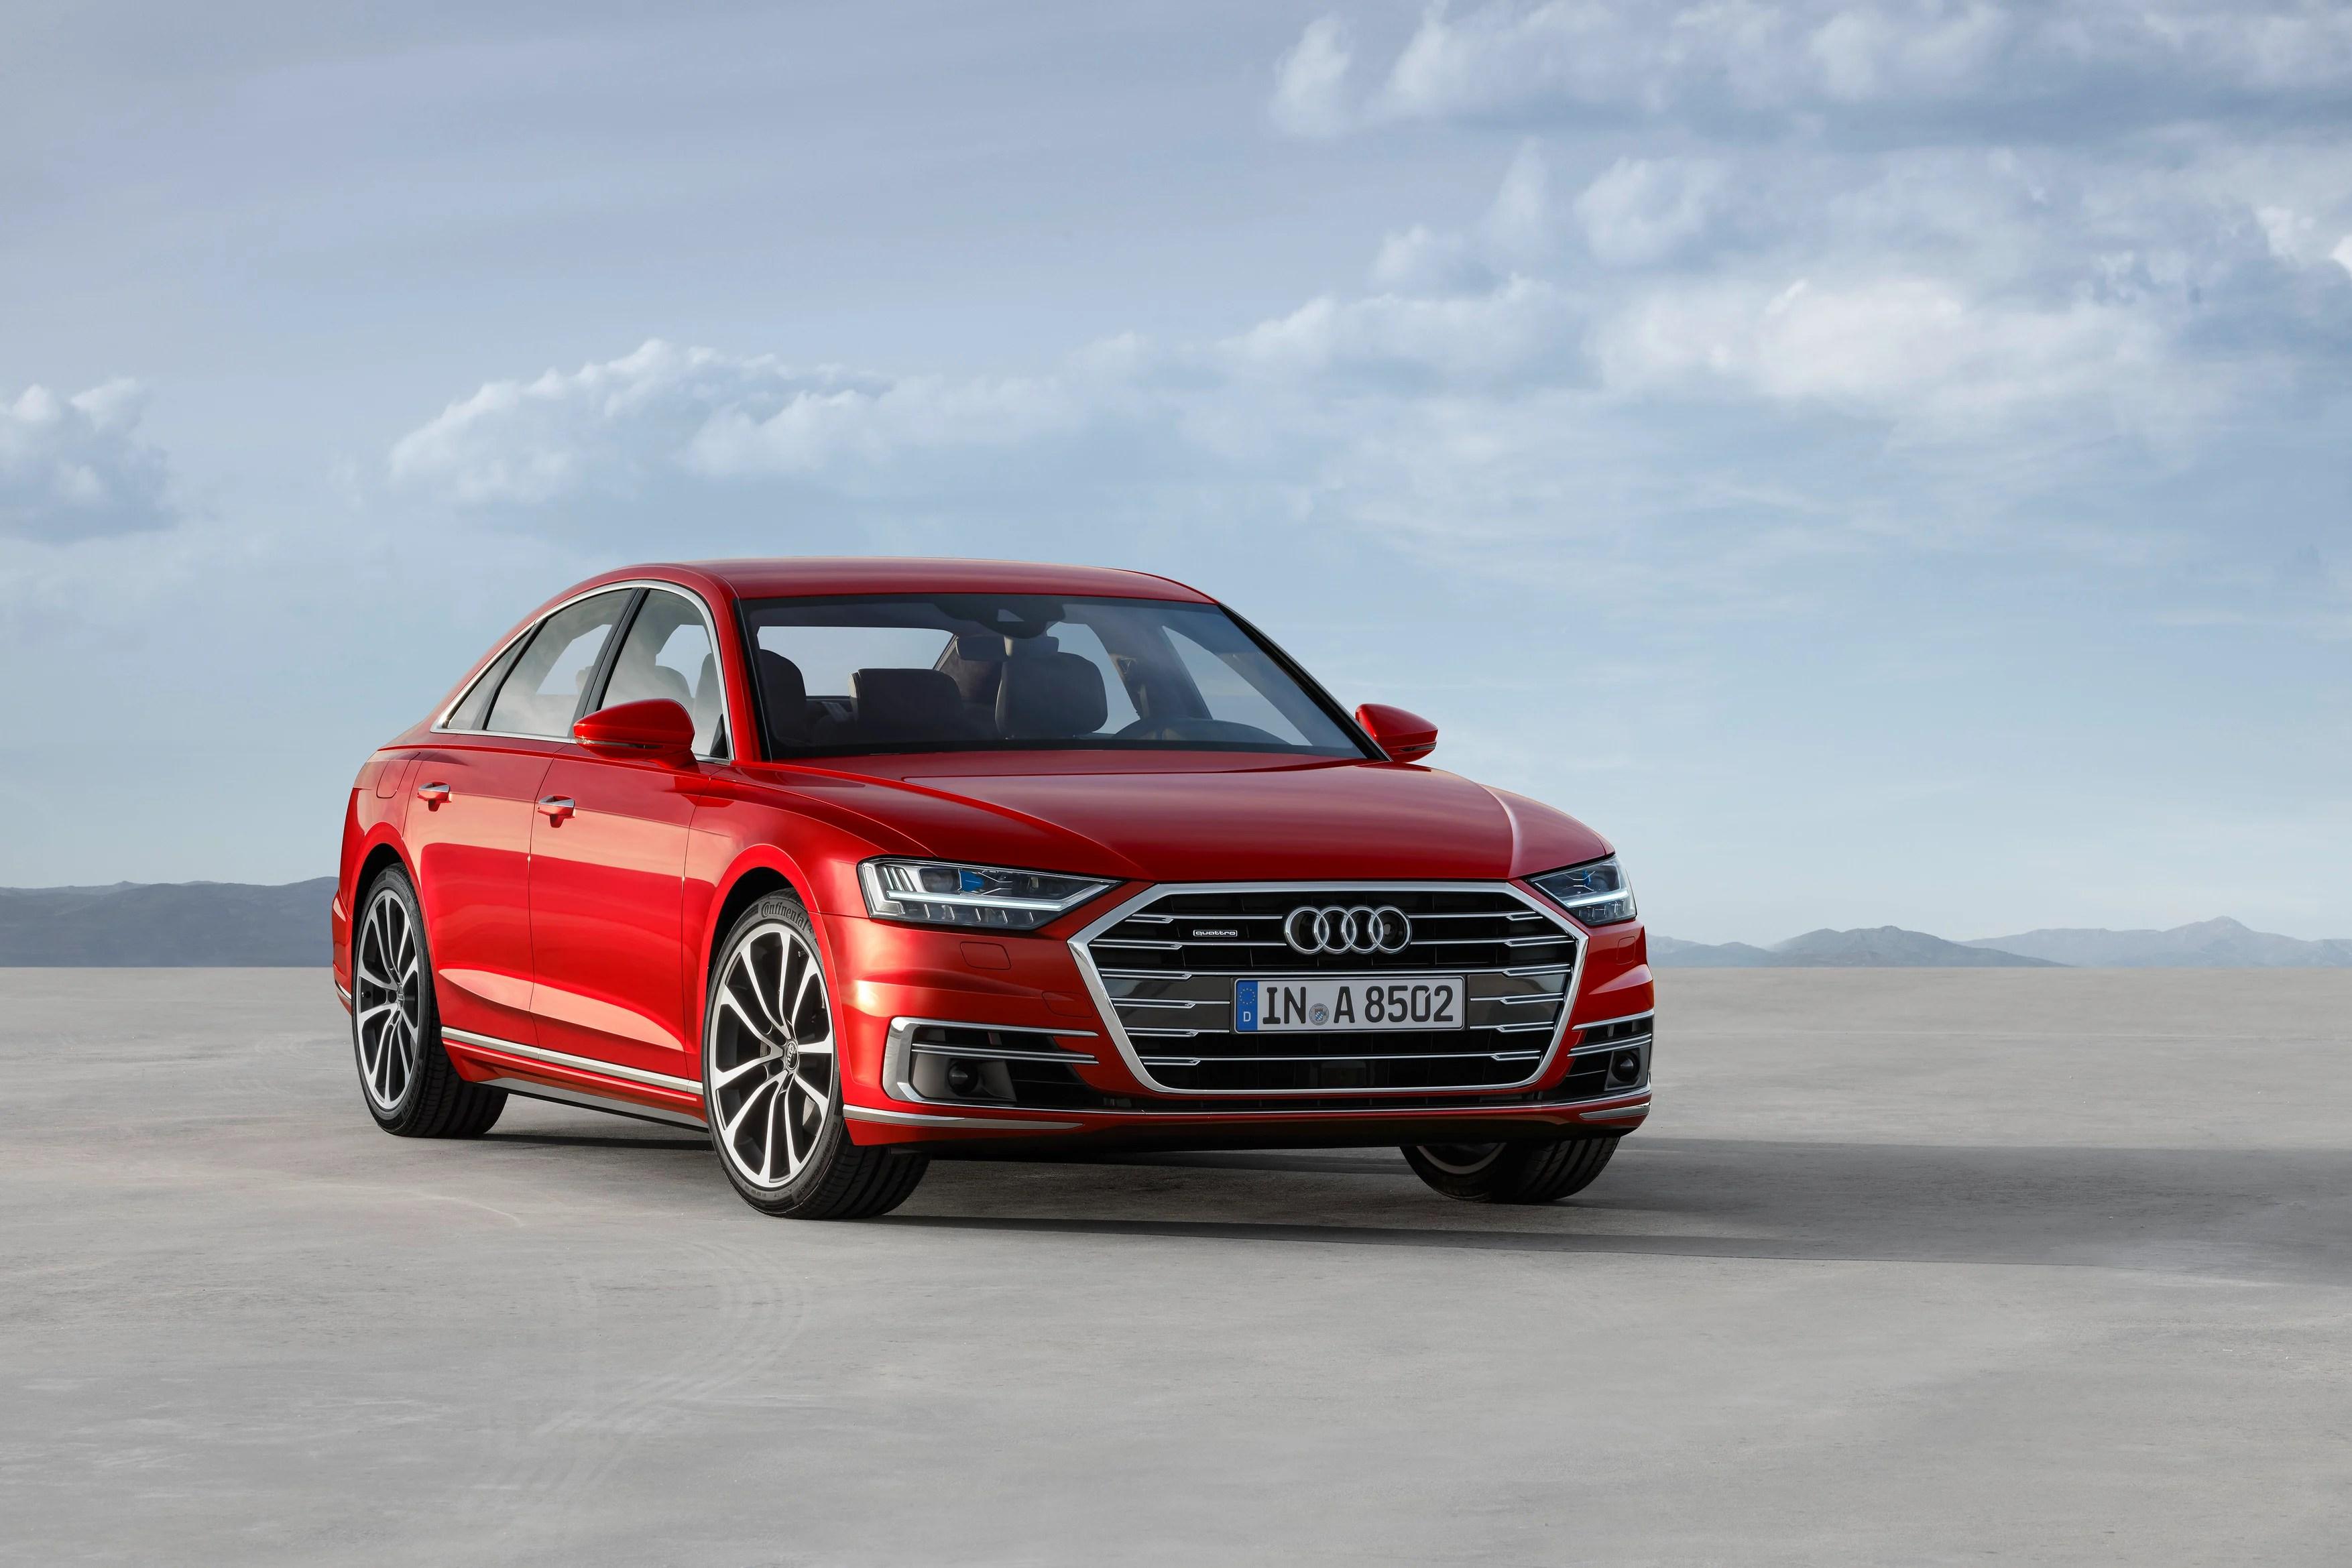 Audi A8 : pilote auto, AI… le pétard mouillé